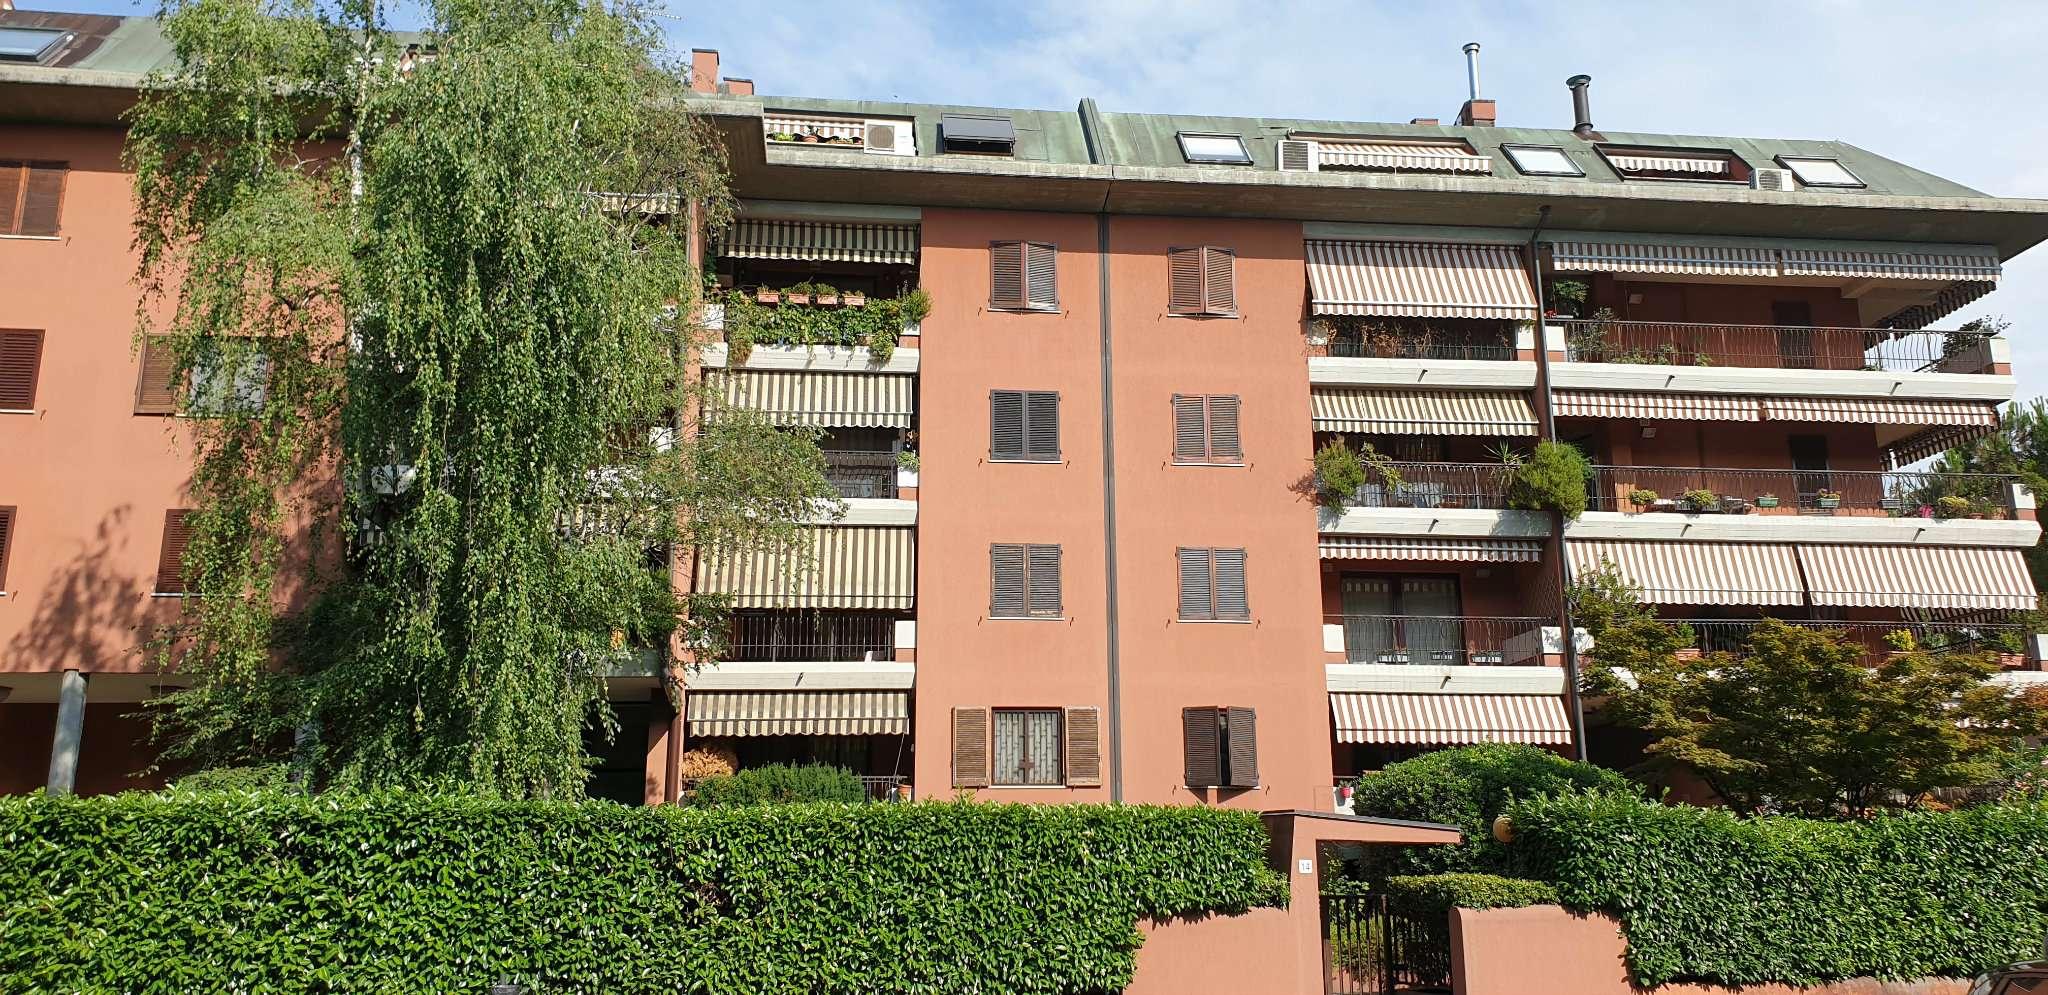 Appartamento in vendita a Peschiera Borromeo, 3 locali, prezzo € 230.000   CambioCasa.it